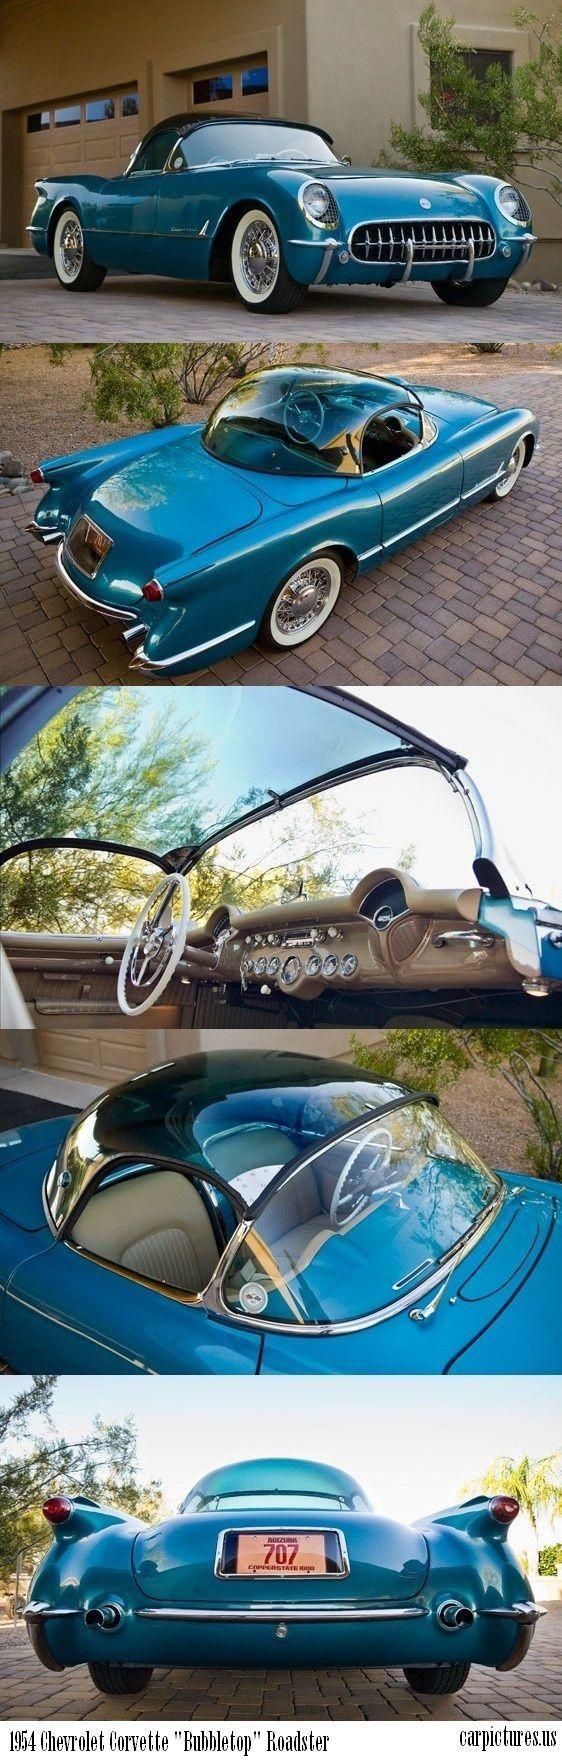 Pin By Dj Lee On Arabalar Roadster Car Corvette Chevrolet Corvette